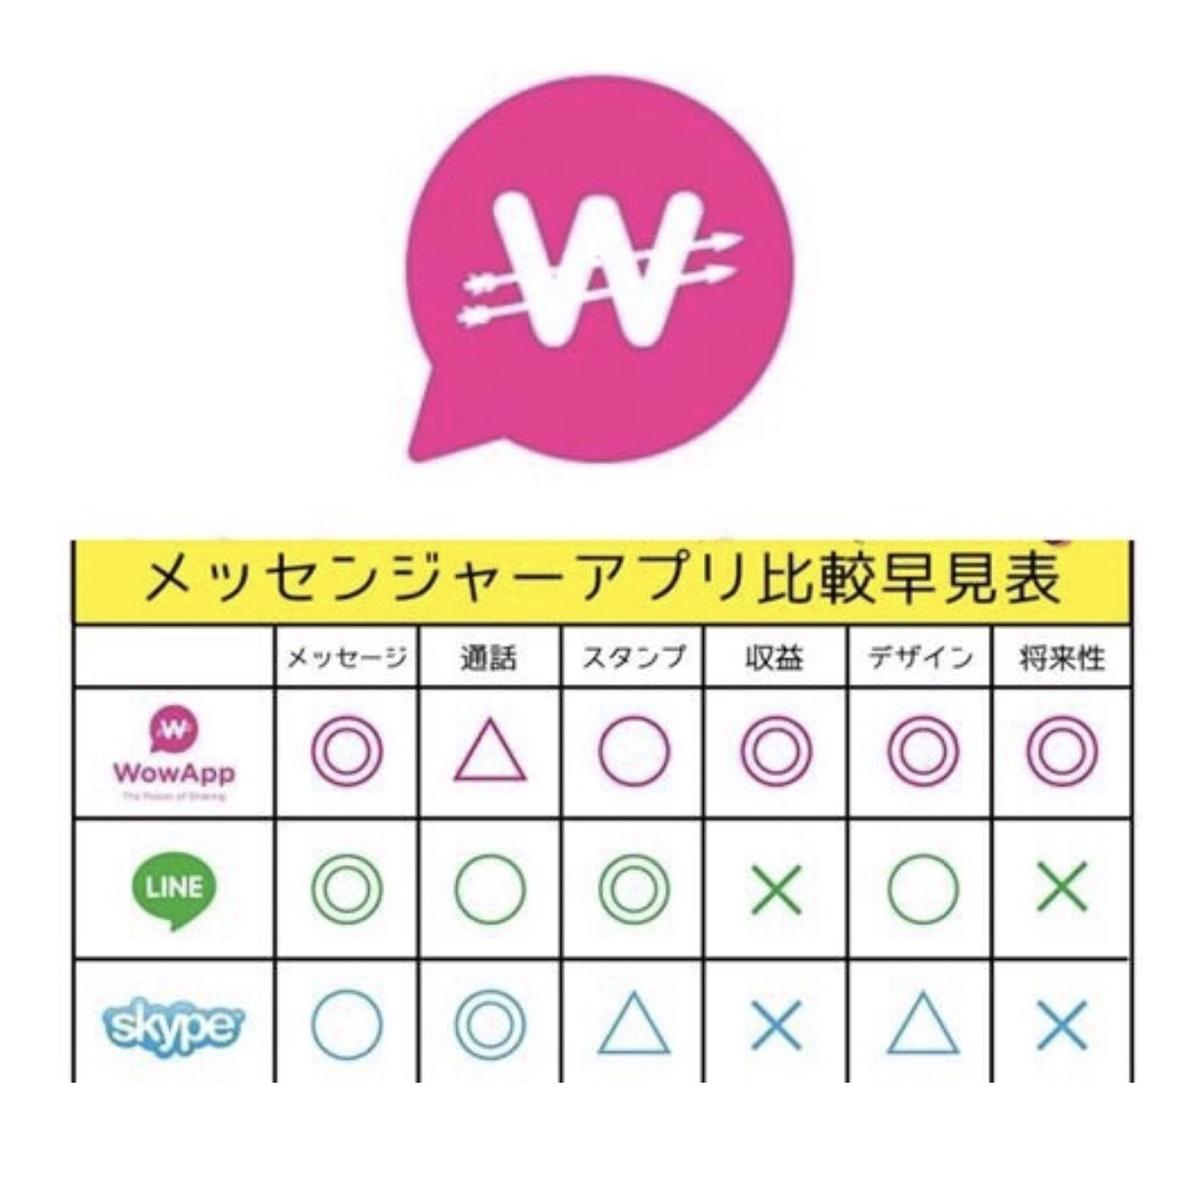 f:id:kaoruikeda:20190418123722j:plain